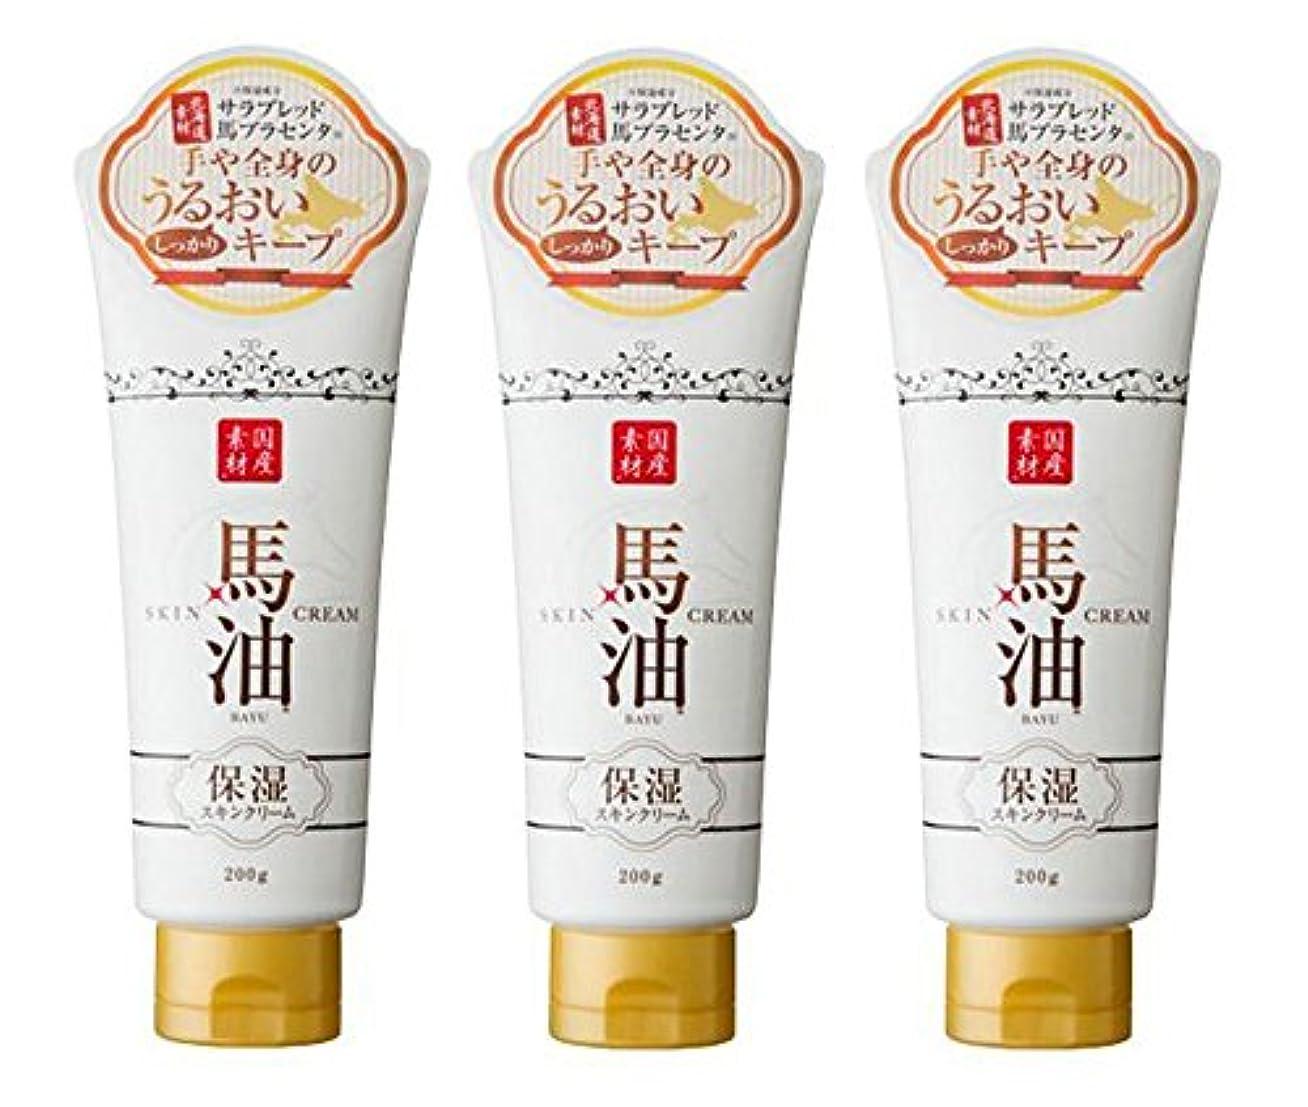 瞳学期持参【アイスタイル】リシャン 馬油保湿スキンクリーム さくらの香り 200g ×3個セット